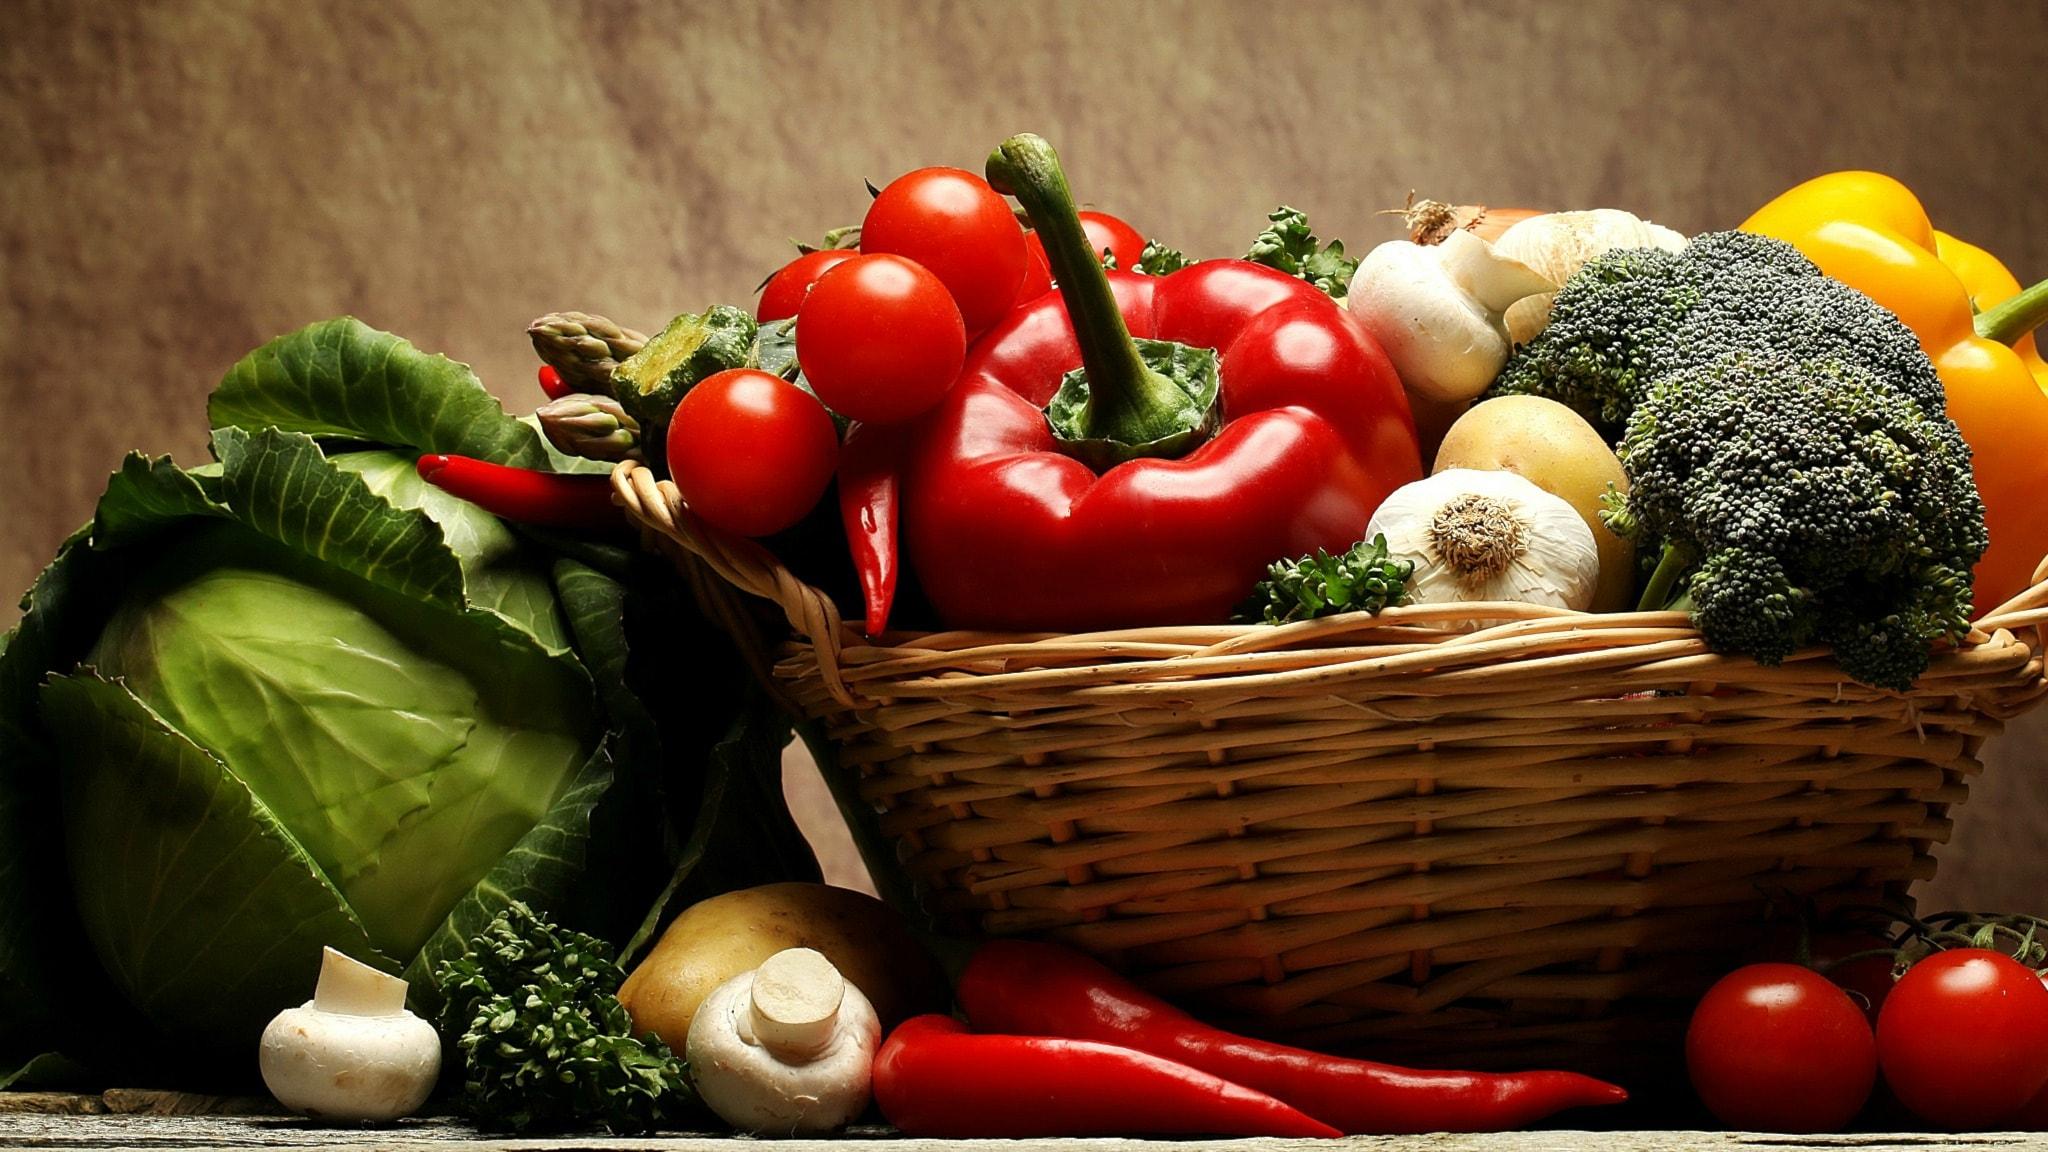 Receptlös matlagning, statliga medel och missuppfattningar i politiken